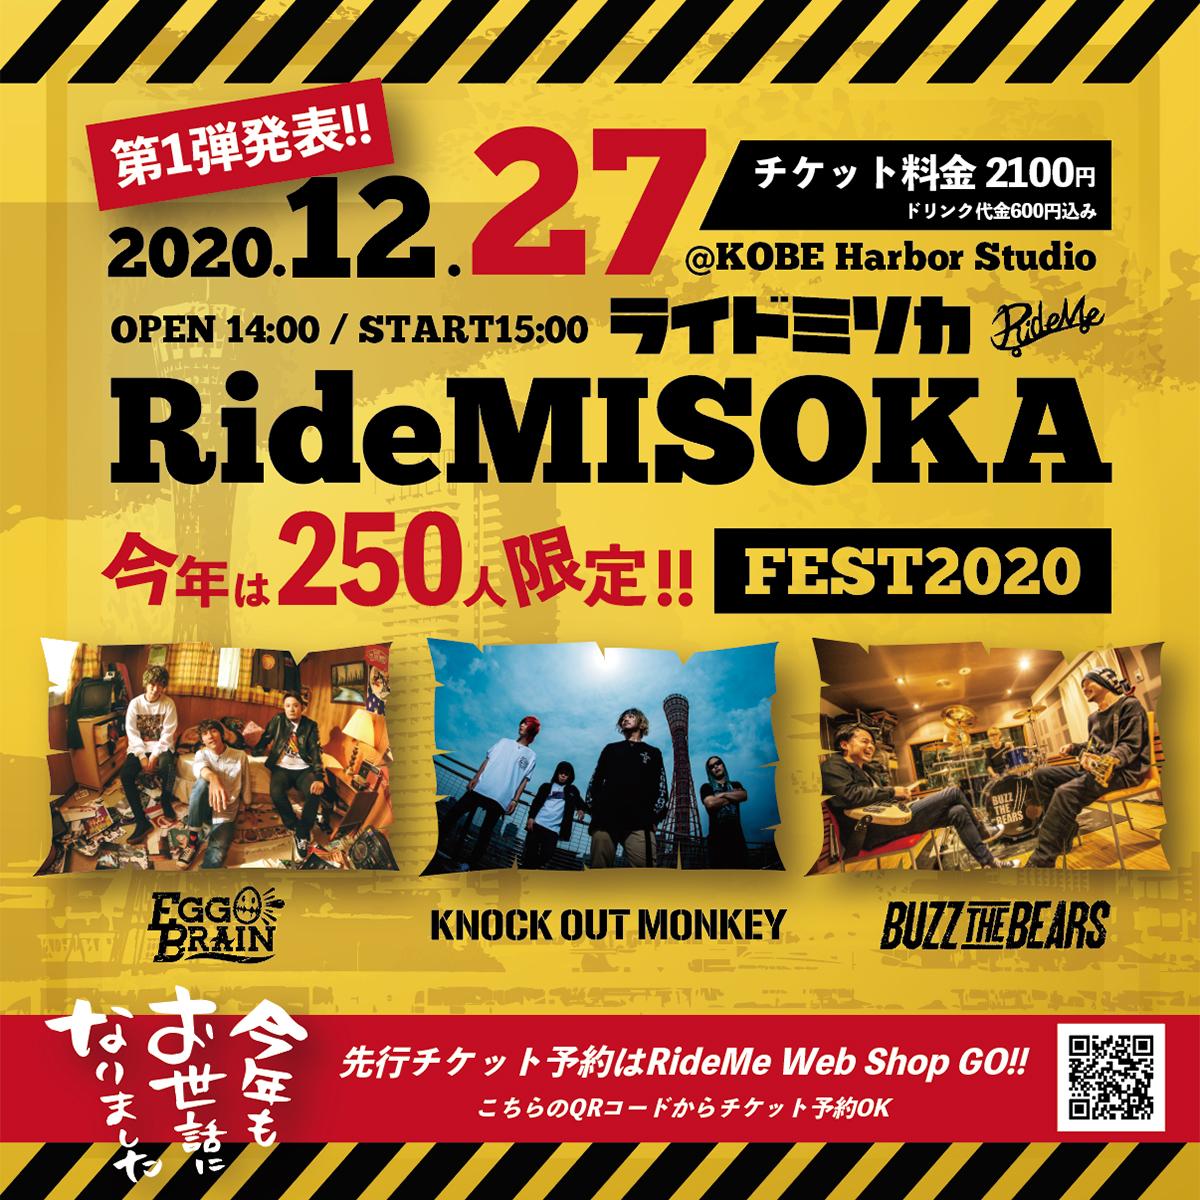 【RideMISOKA FEST2020】